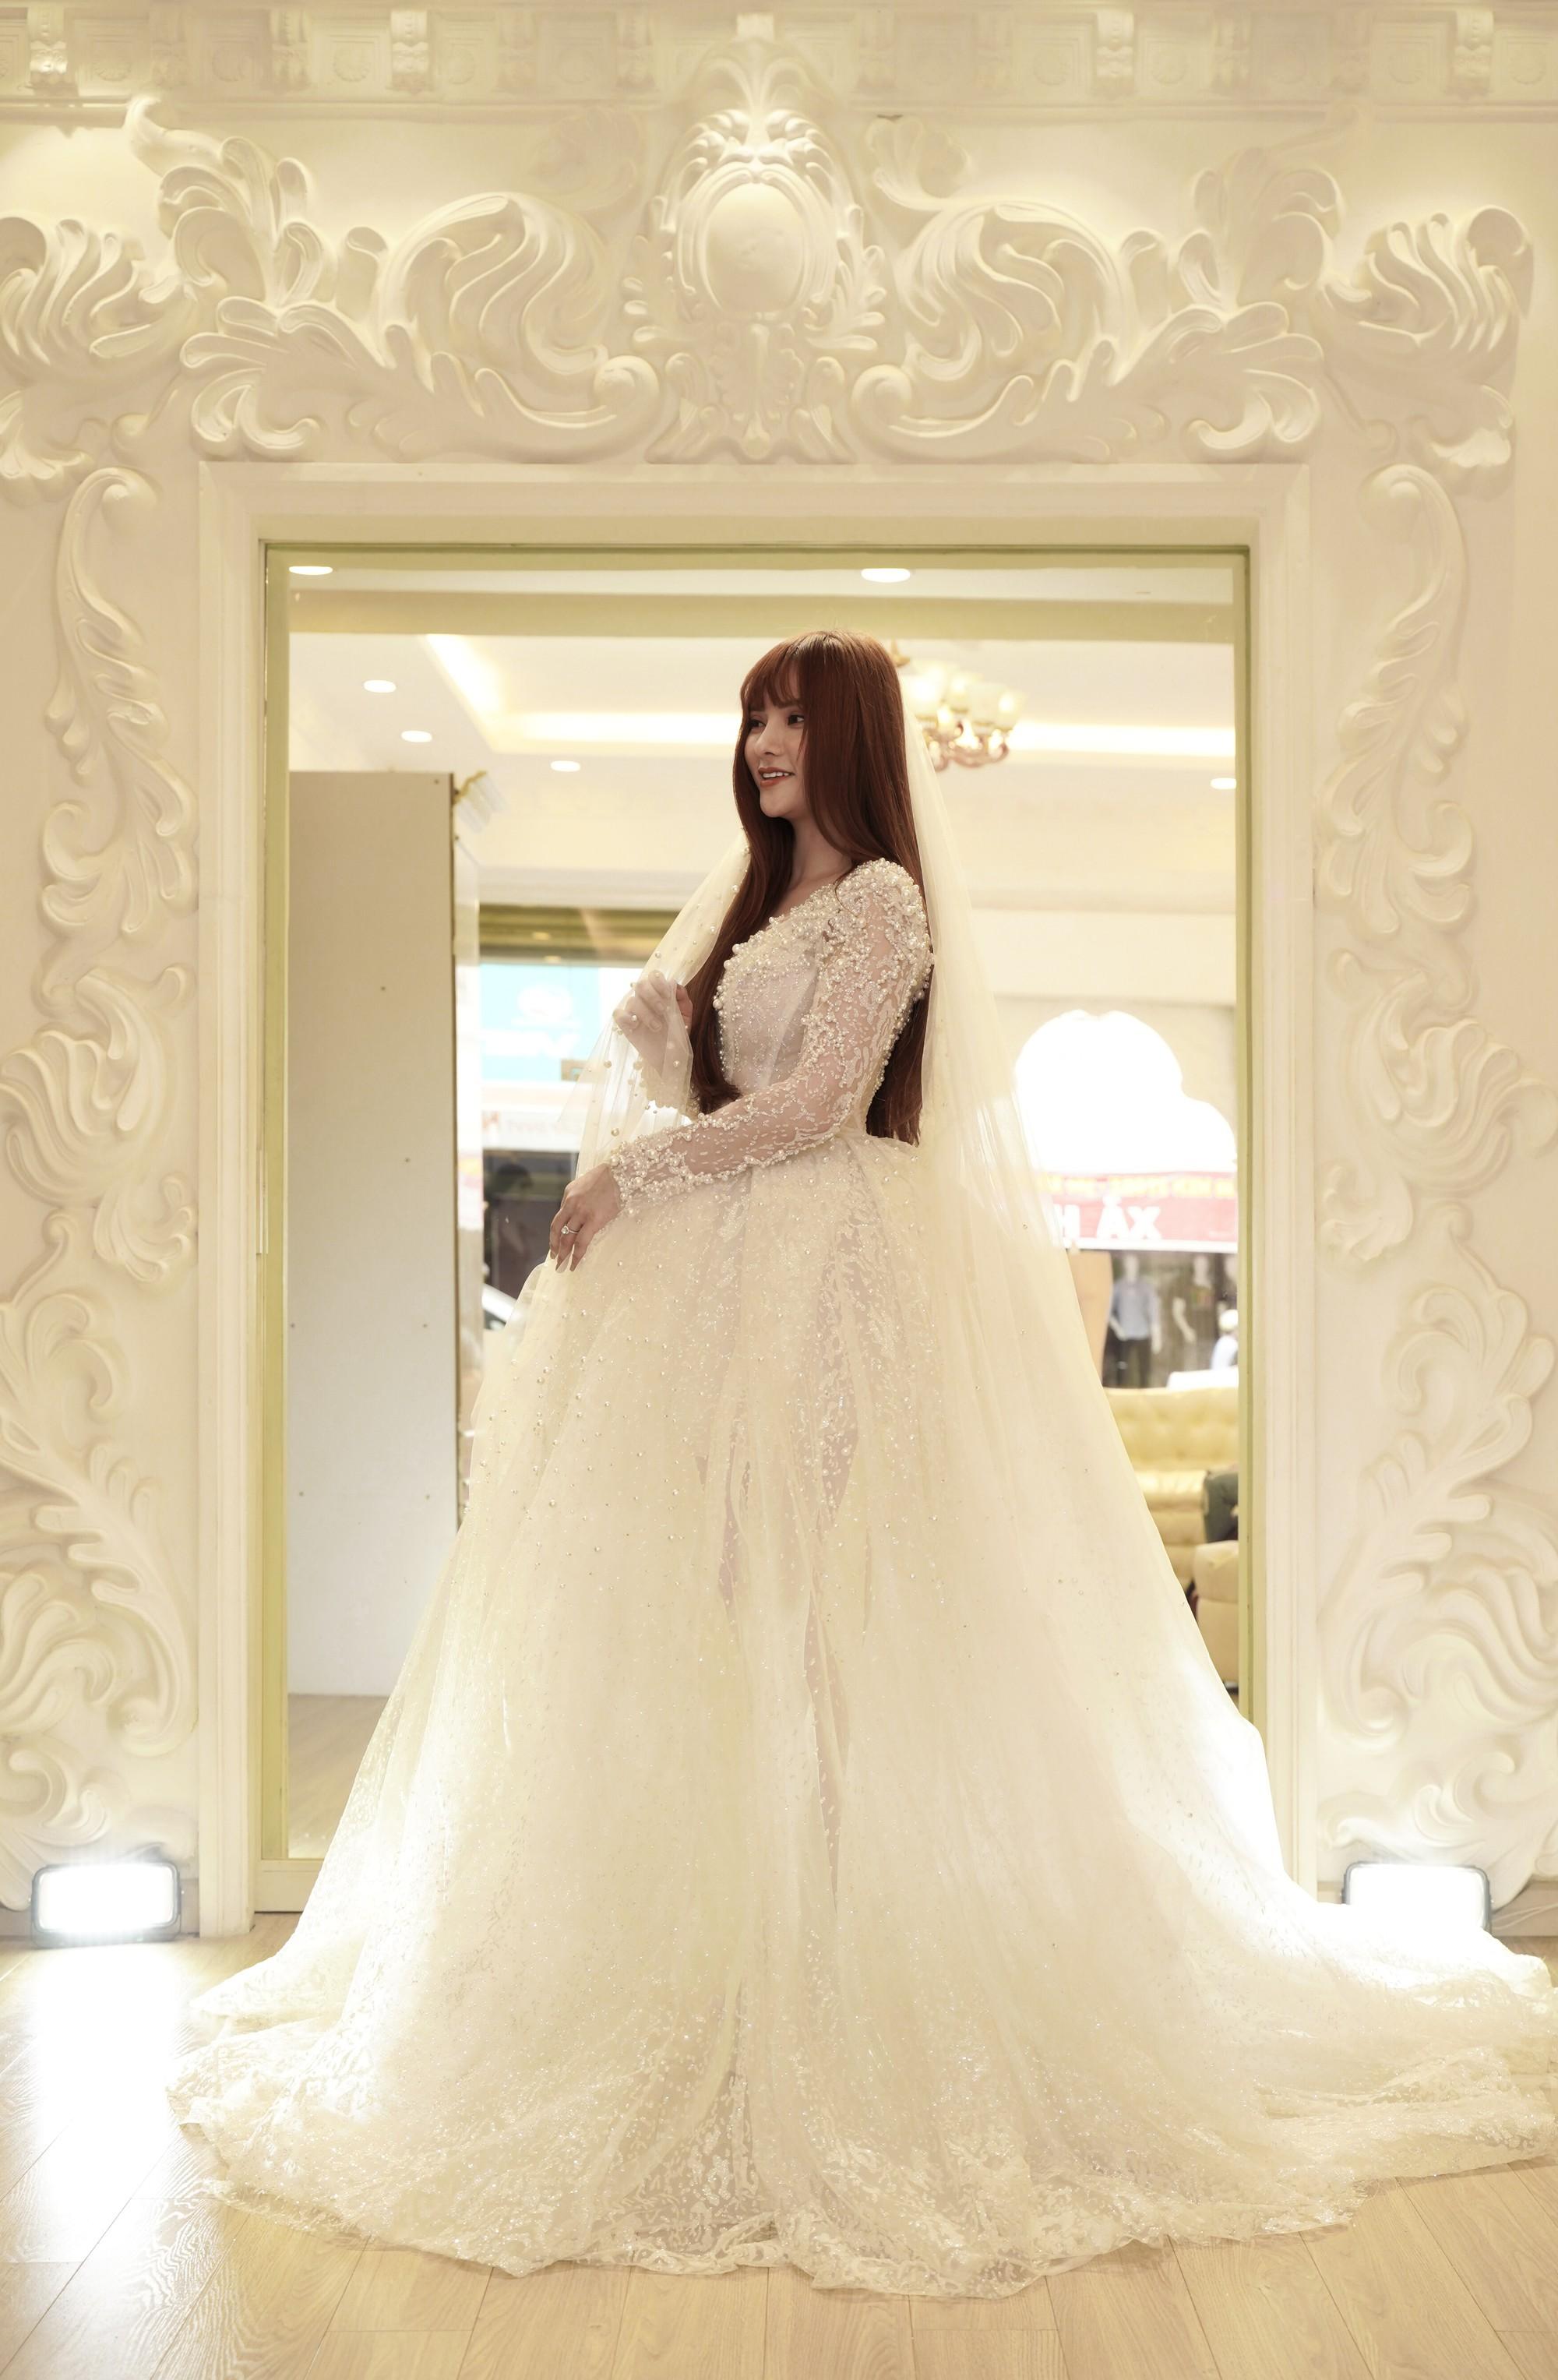 Thu Thủy chọn váy cưới rộng, khéo léo che chắn vòng 2 giữa tin đồn cưới chạy bầu - Ảnh 1.